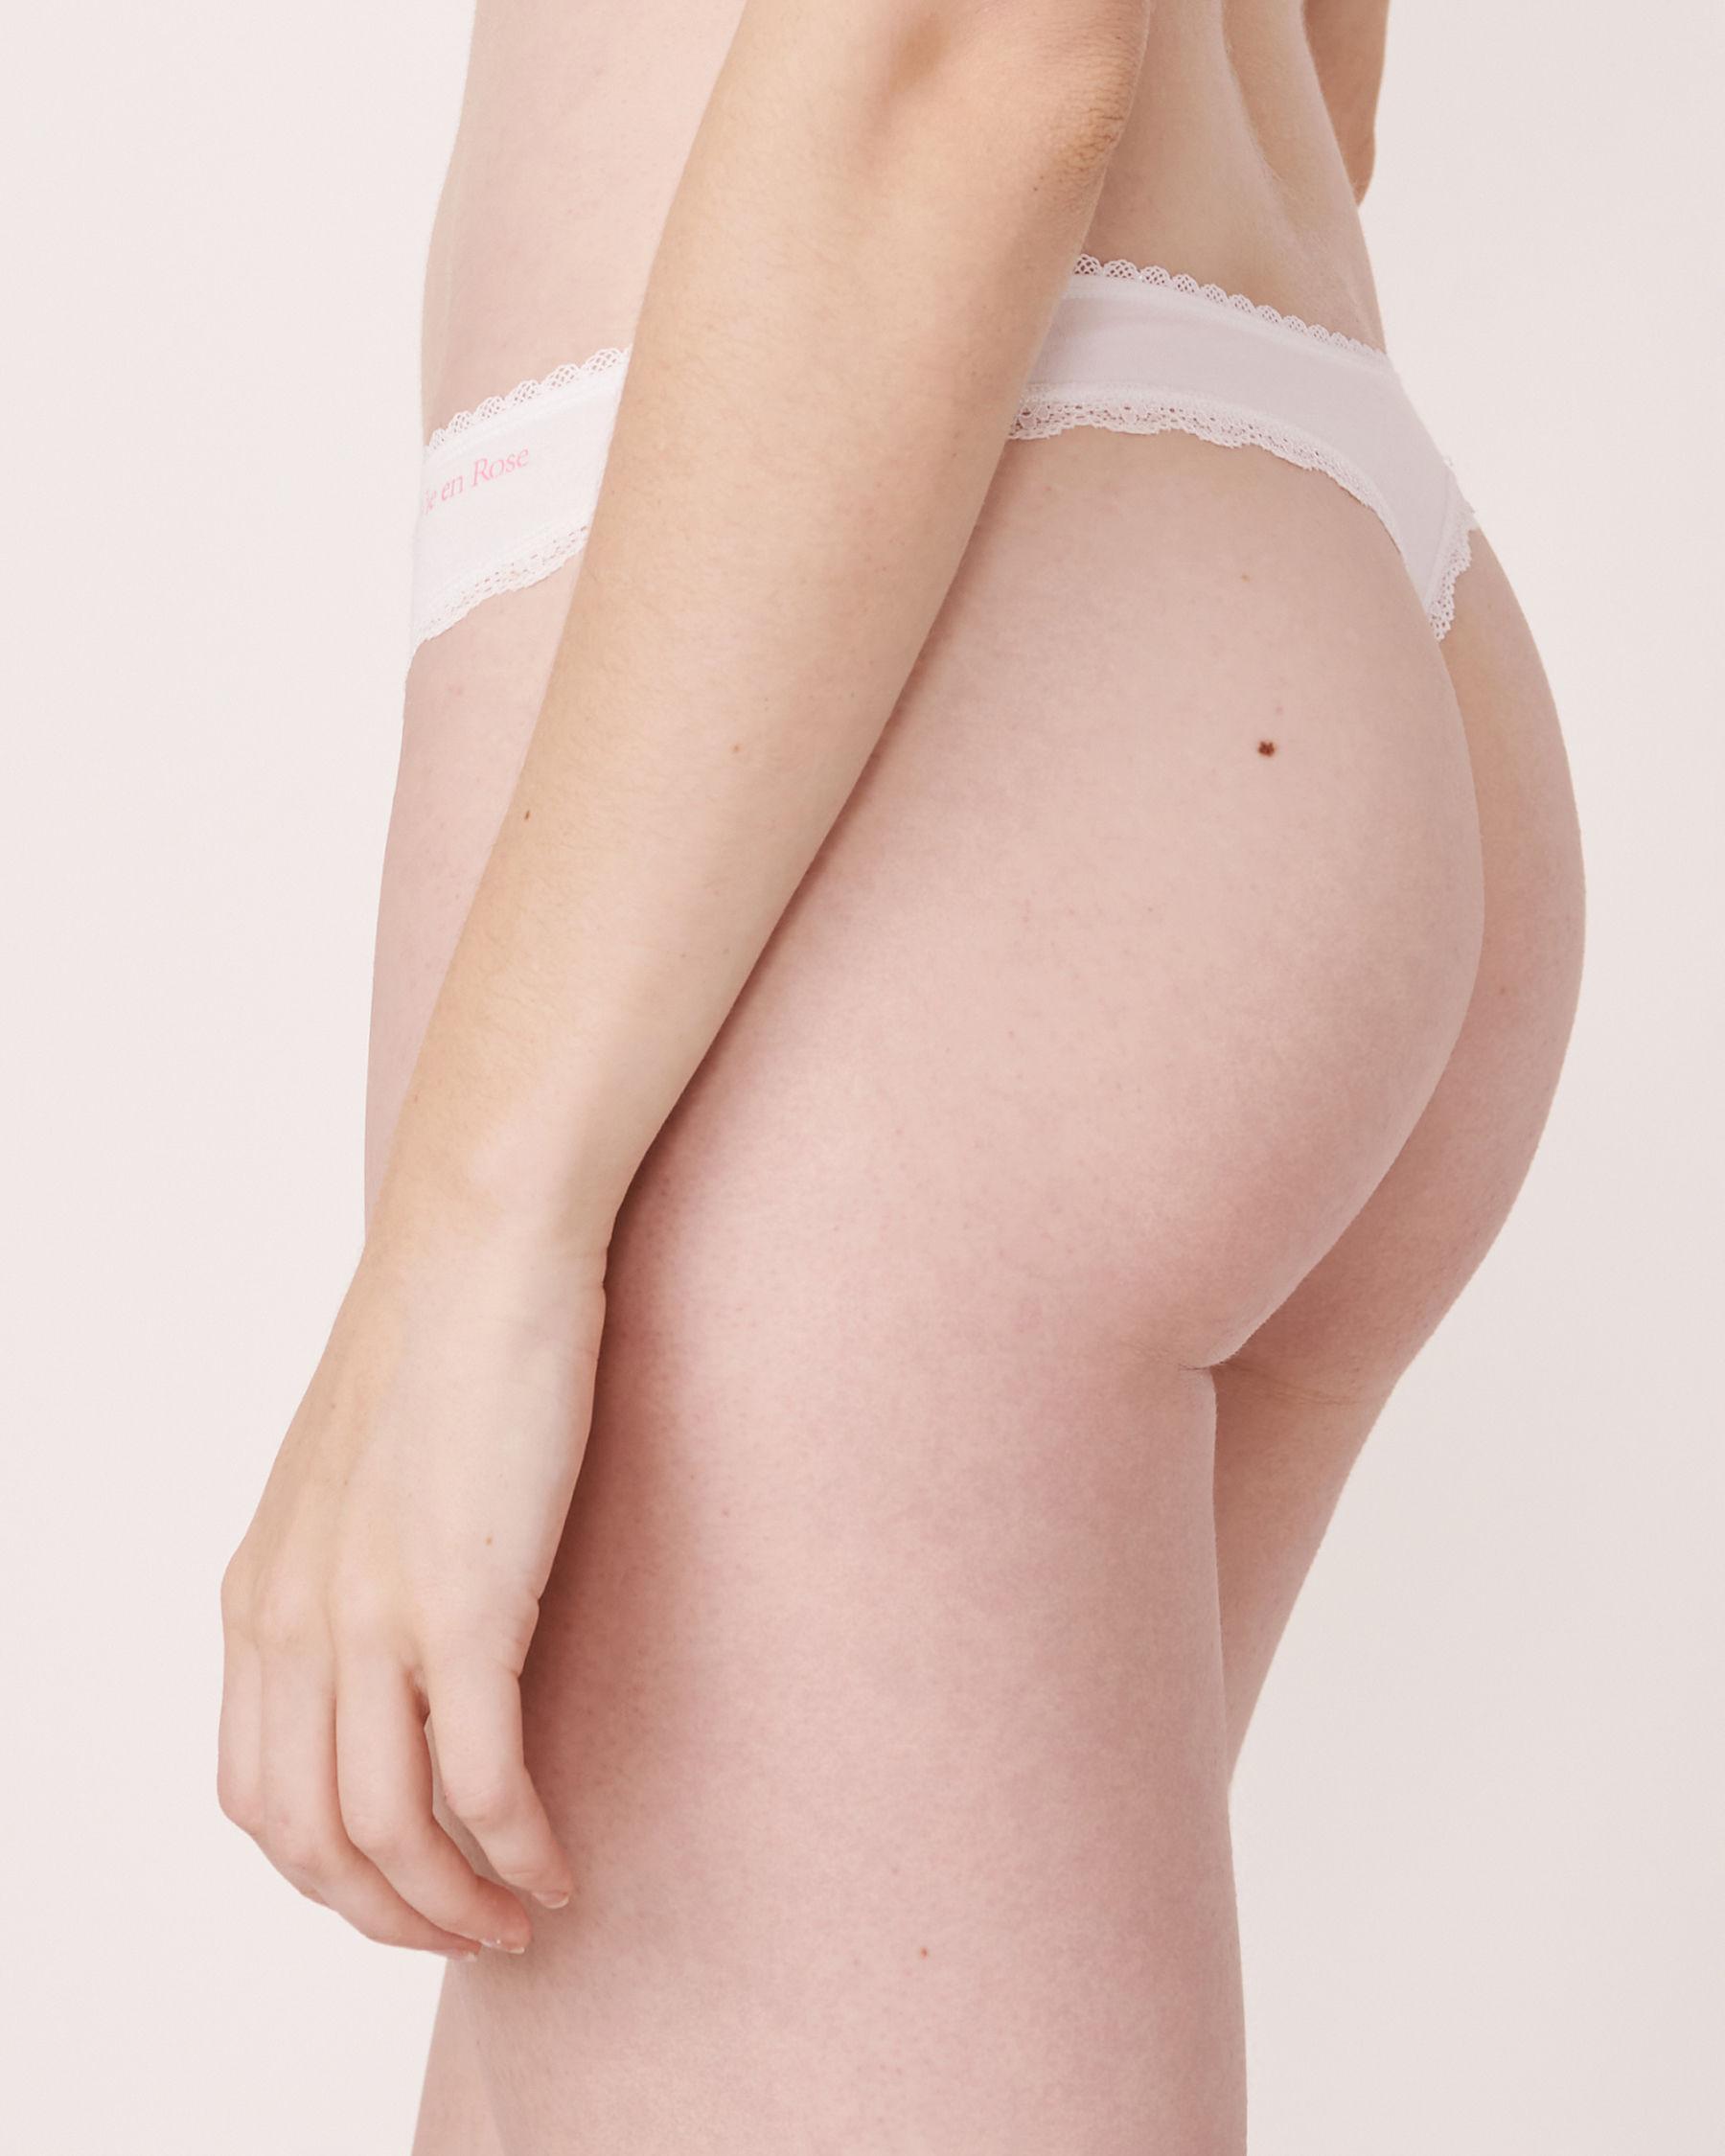 LA VIE EN ROSE Thong Panty White 891-211-0-00 - View2